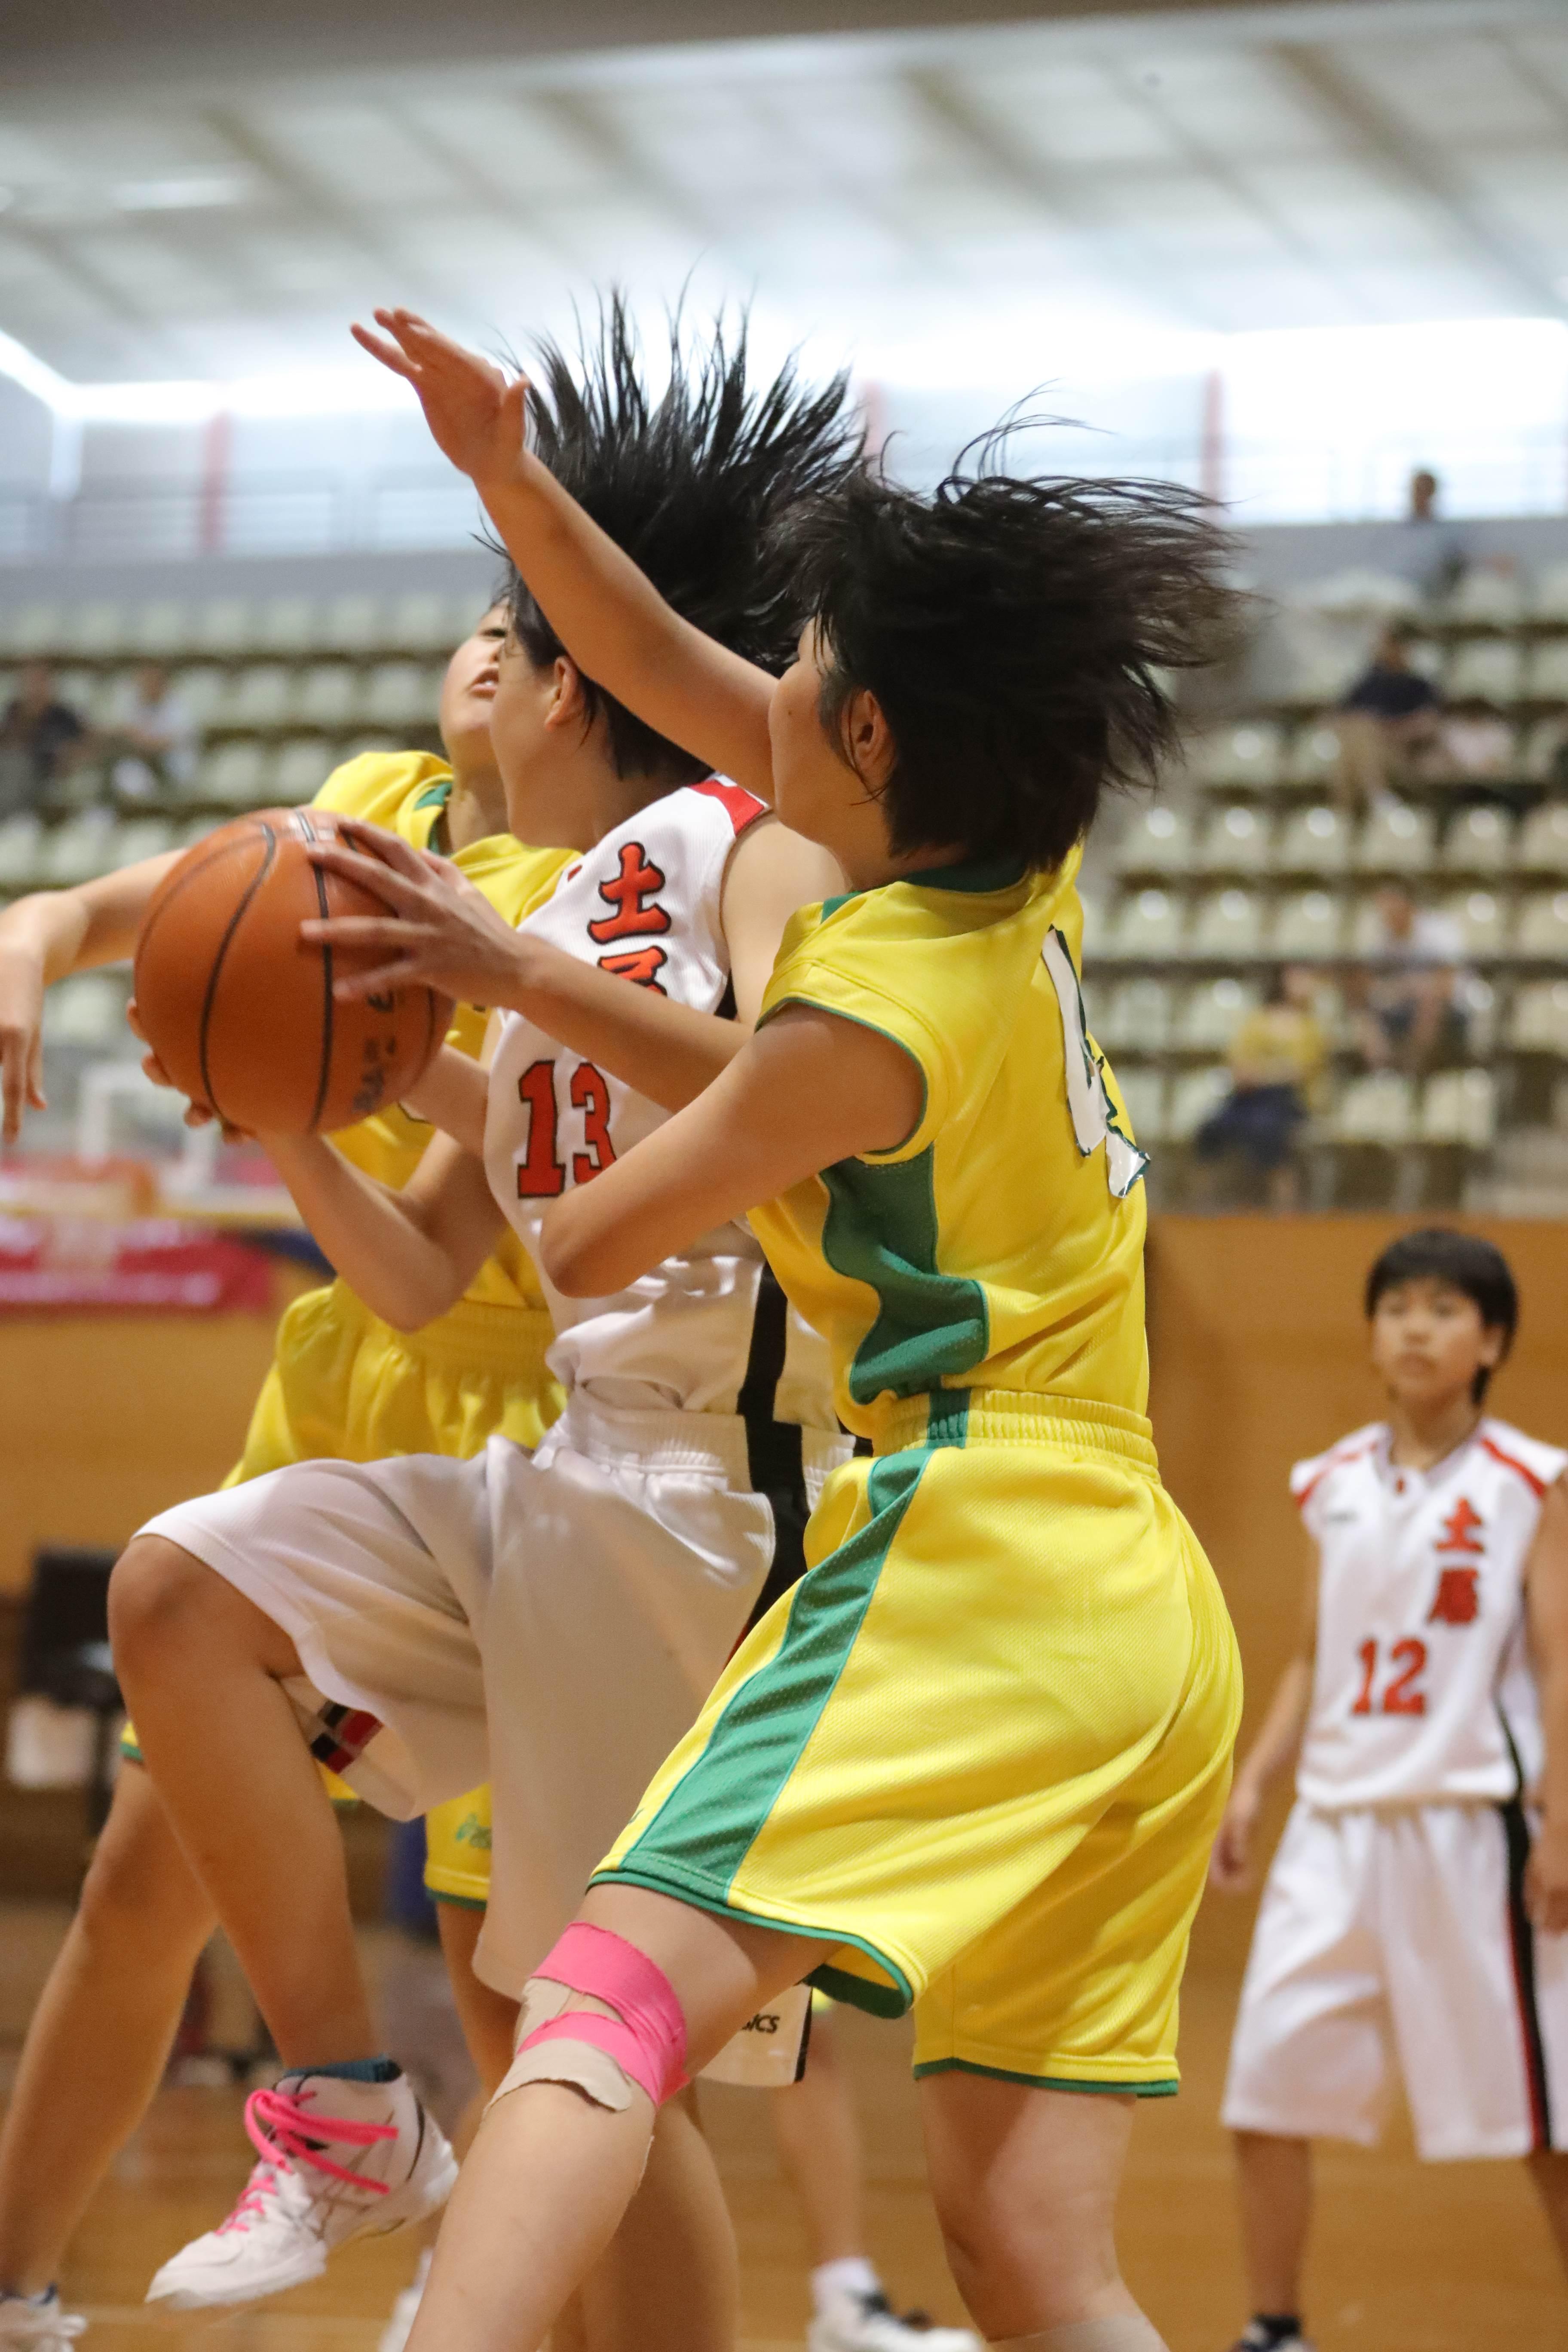 バスケットボール (27)